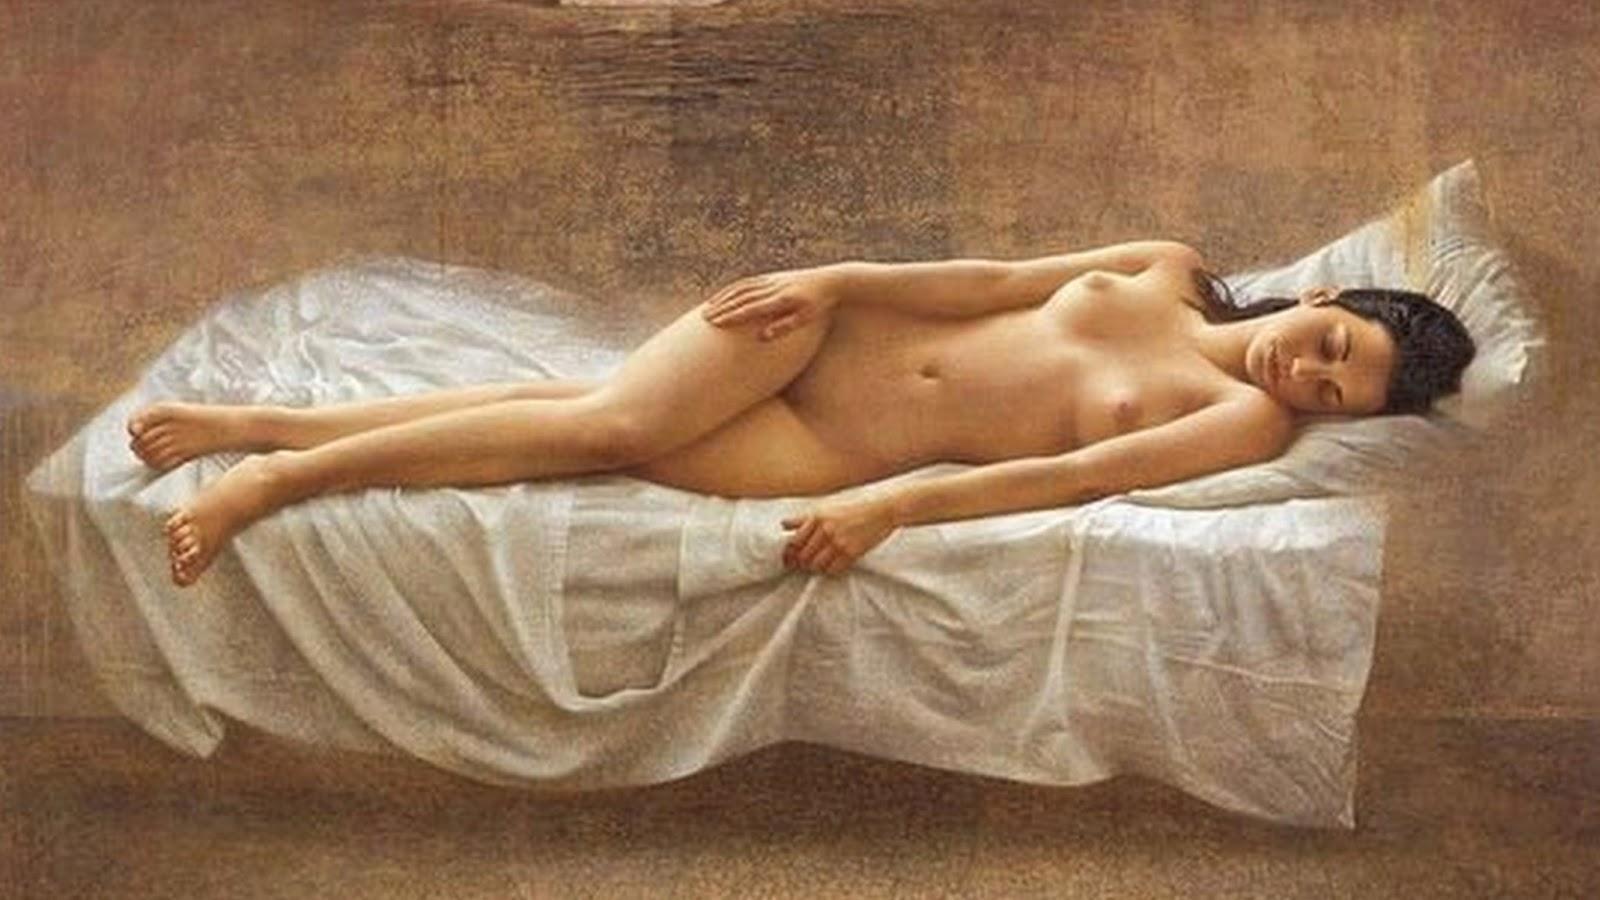 Arte desnudo de Bill hensen